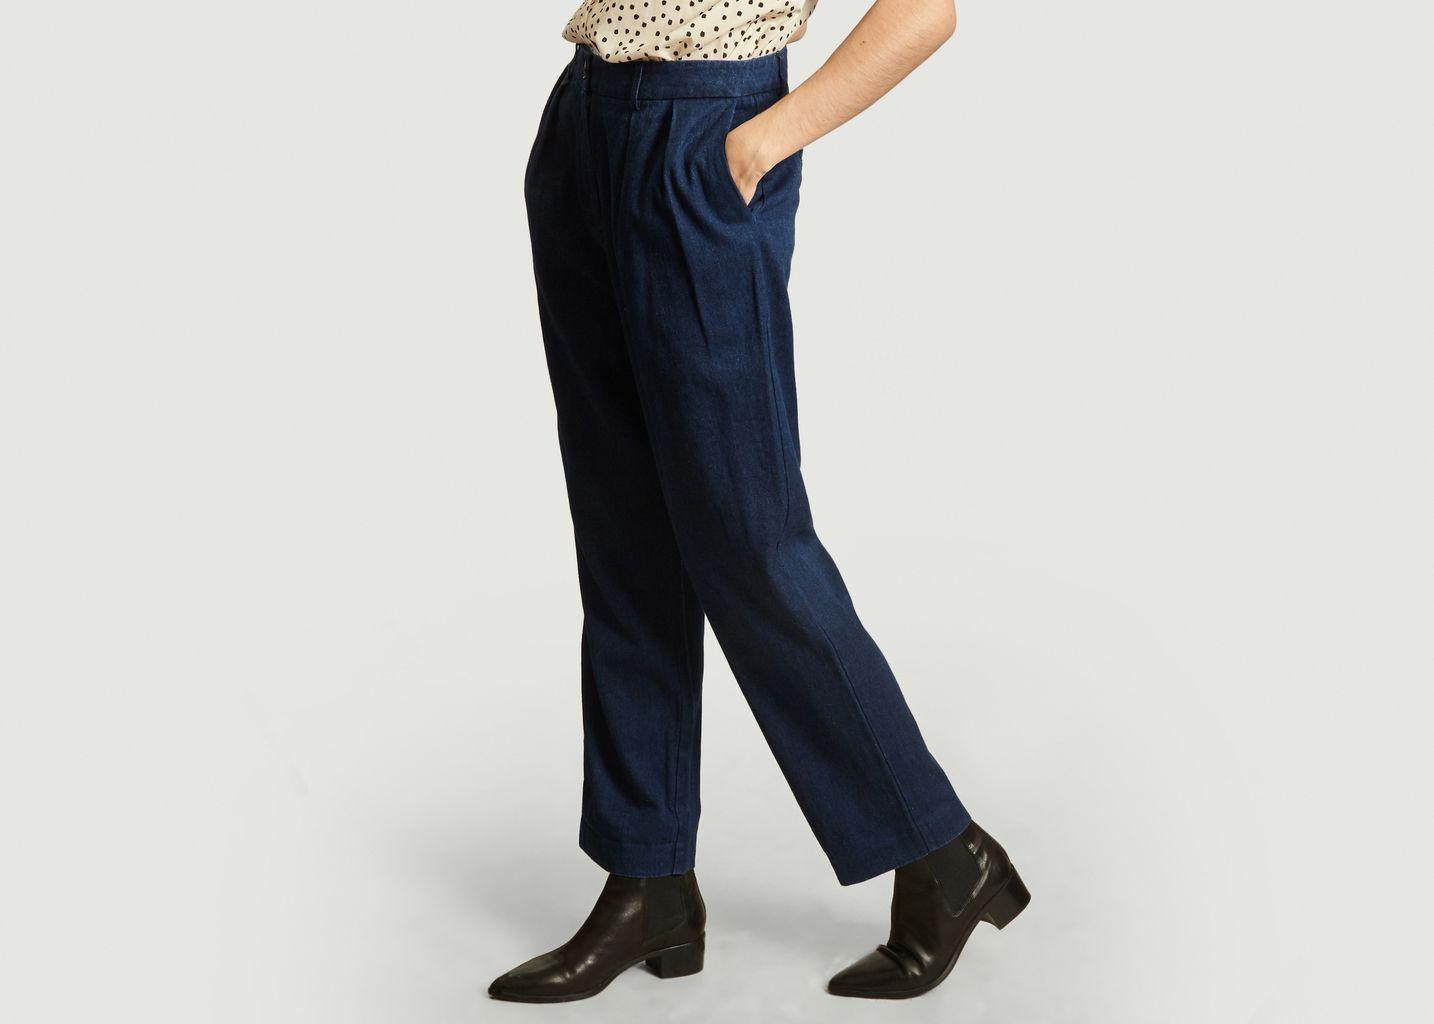 Pantalon ample 7/8e Atzuko - Samsoe Samsoe